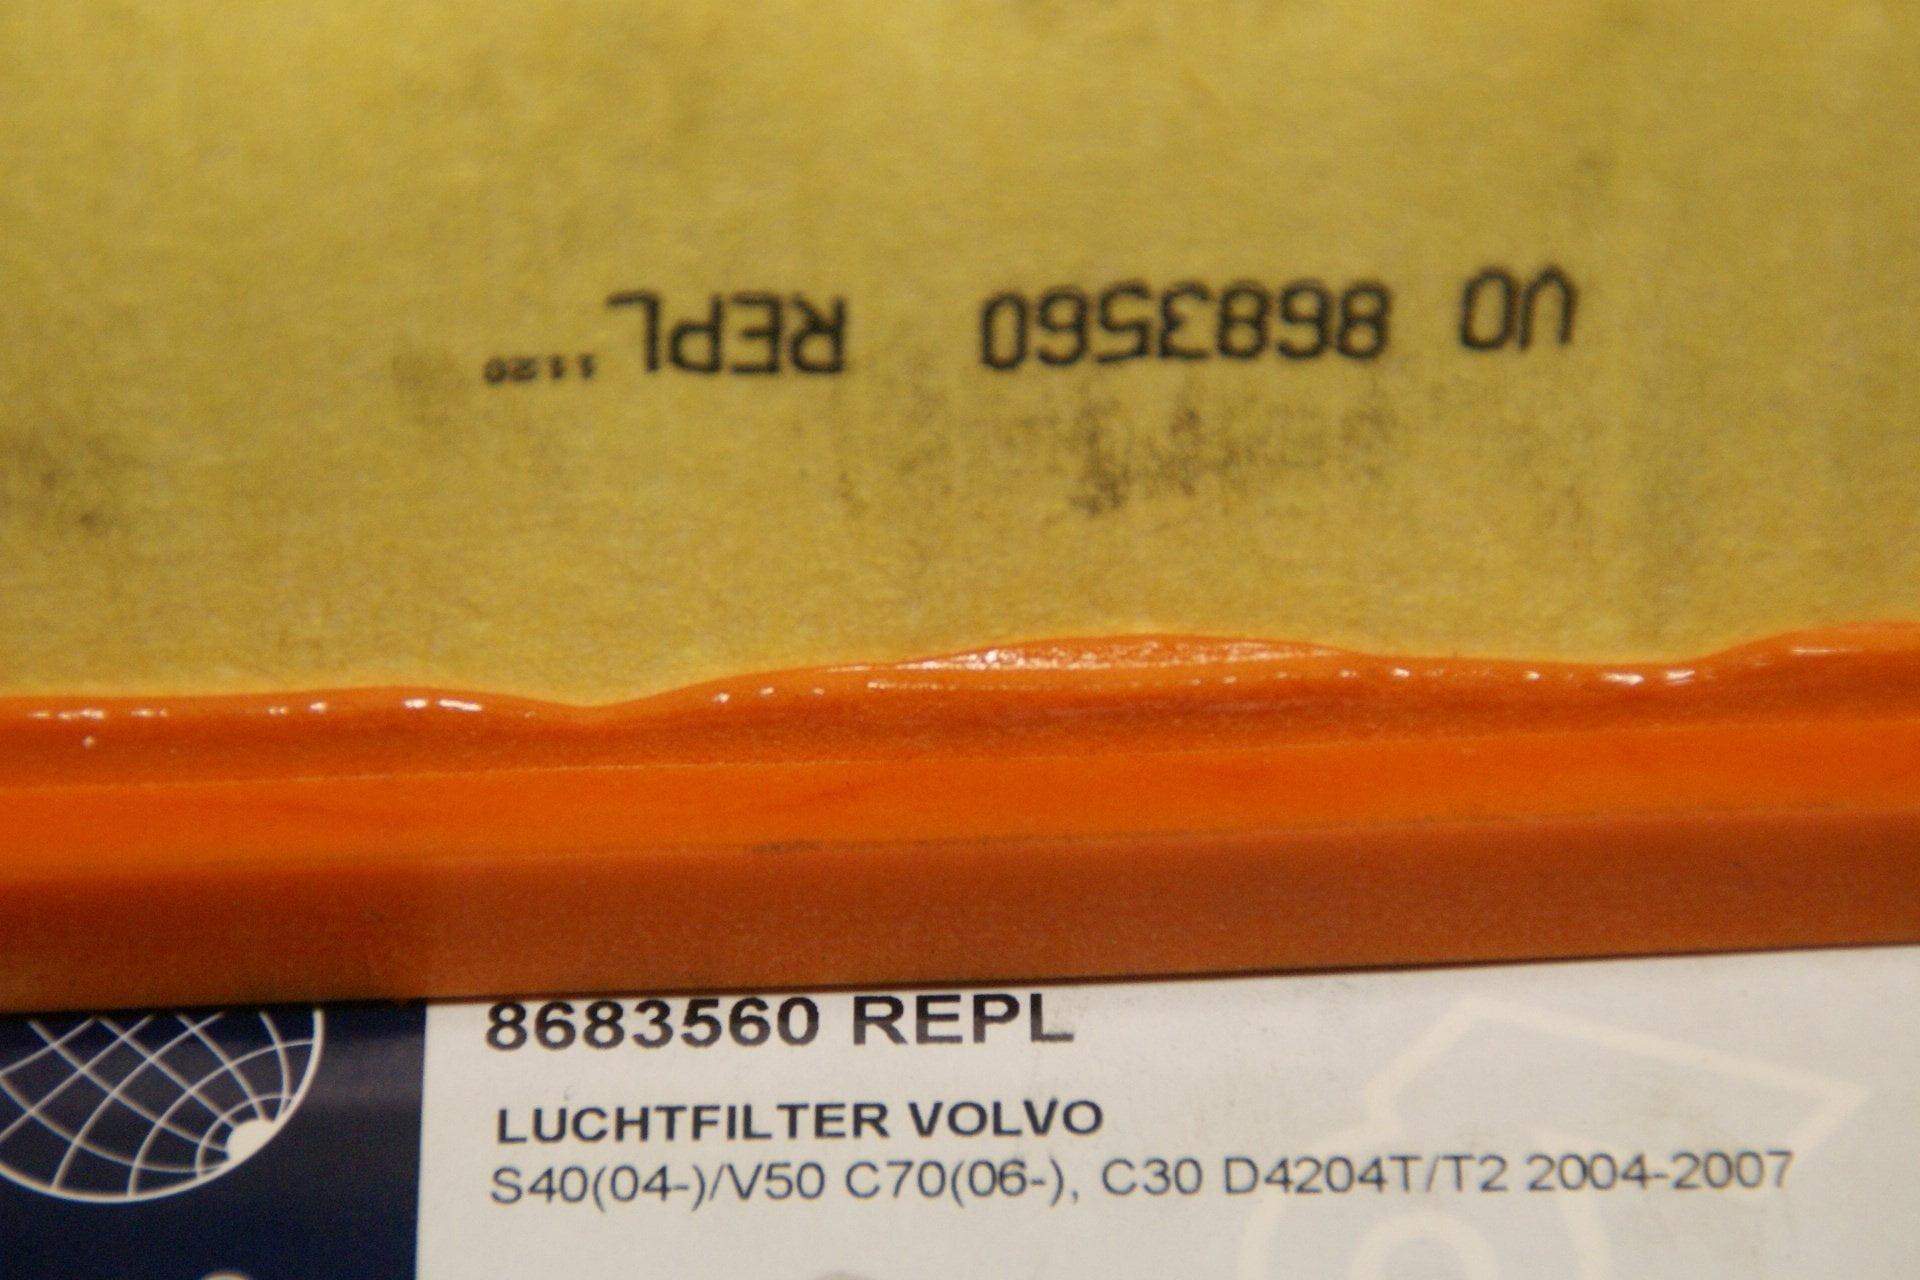 DSC00050 luchtfilter Volvo 8683560